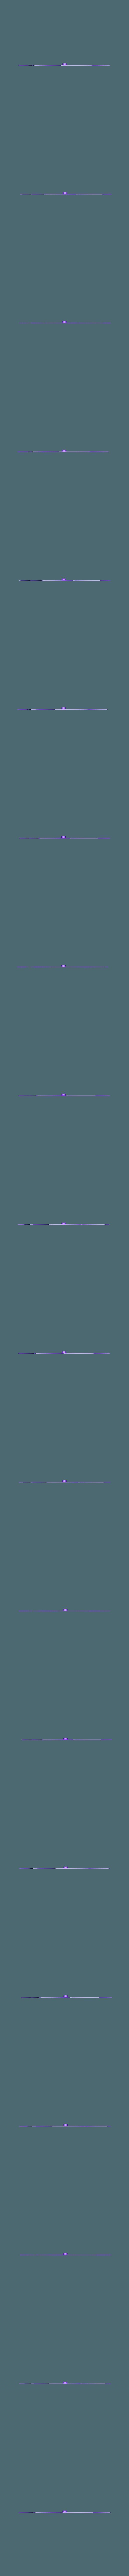 backwave.stl Télécharger fichier STL gratuit Pistolet d'hypnose • Design pour imprimante 3D, ericcherry